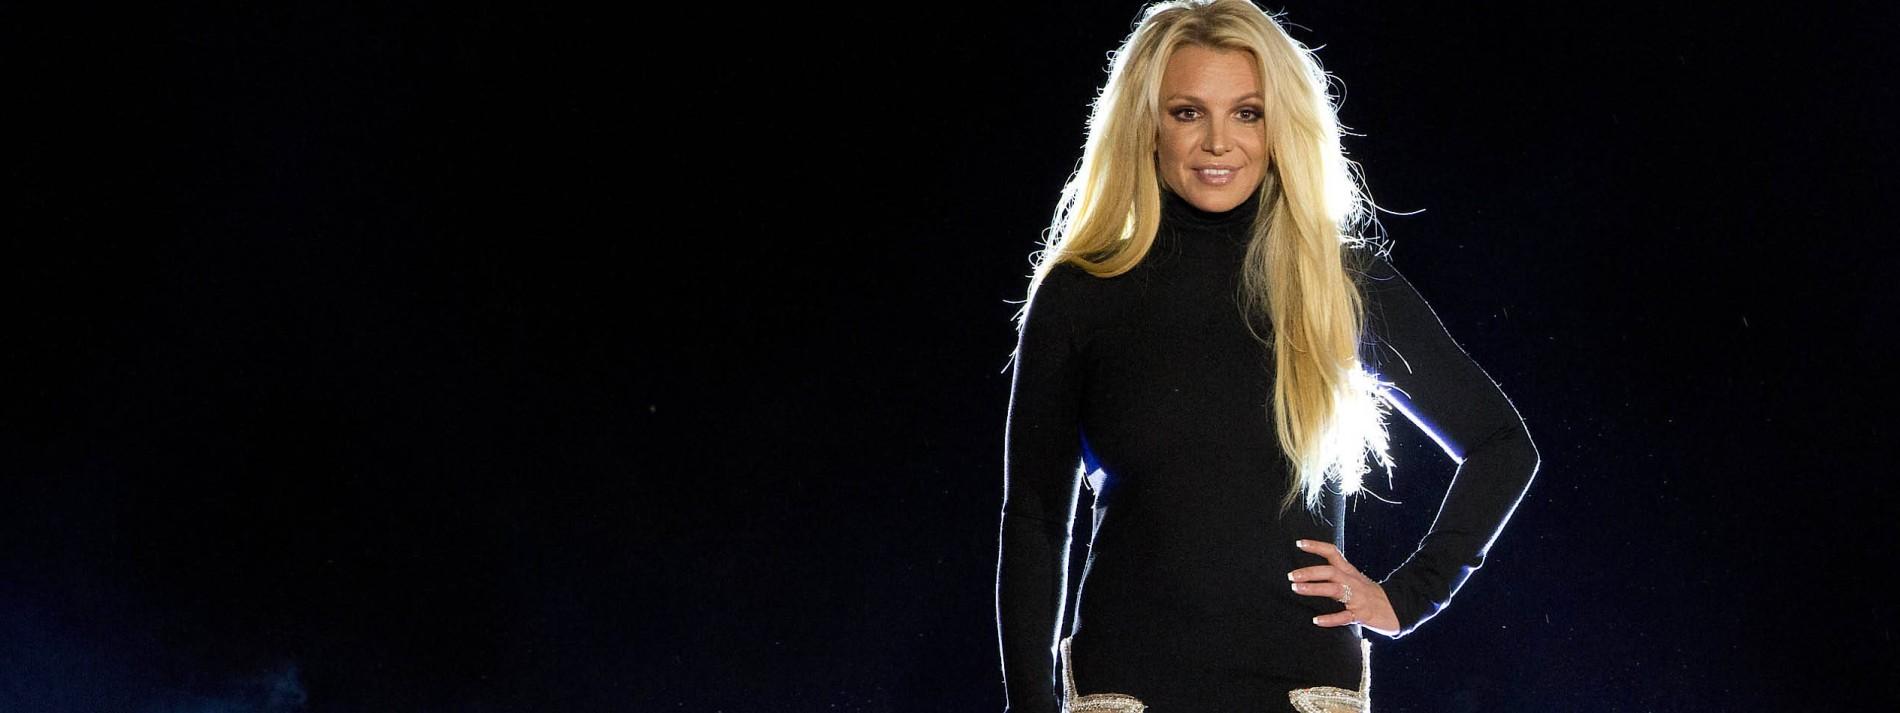 Britney Spears aktuell: News der FAZ zum Popsternchen